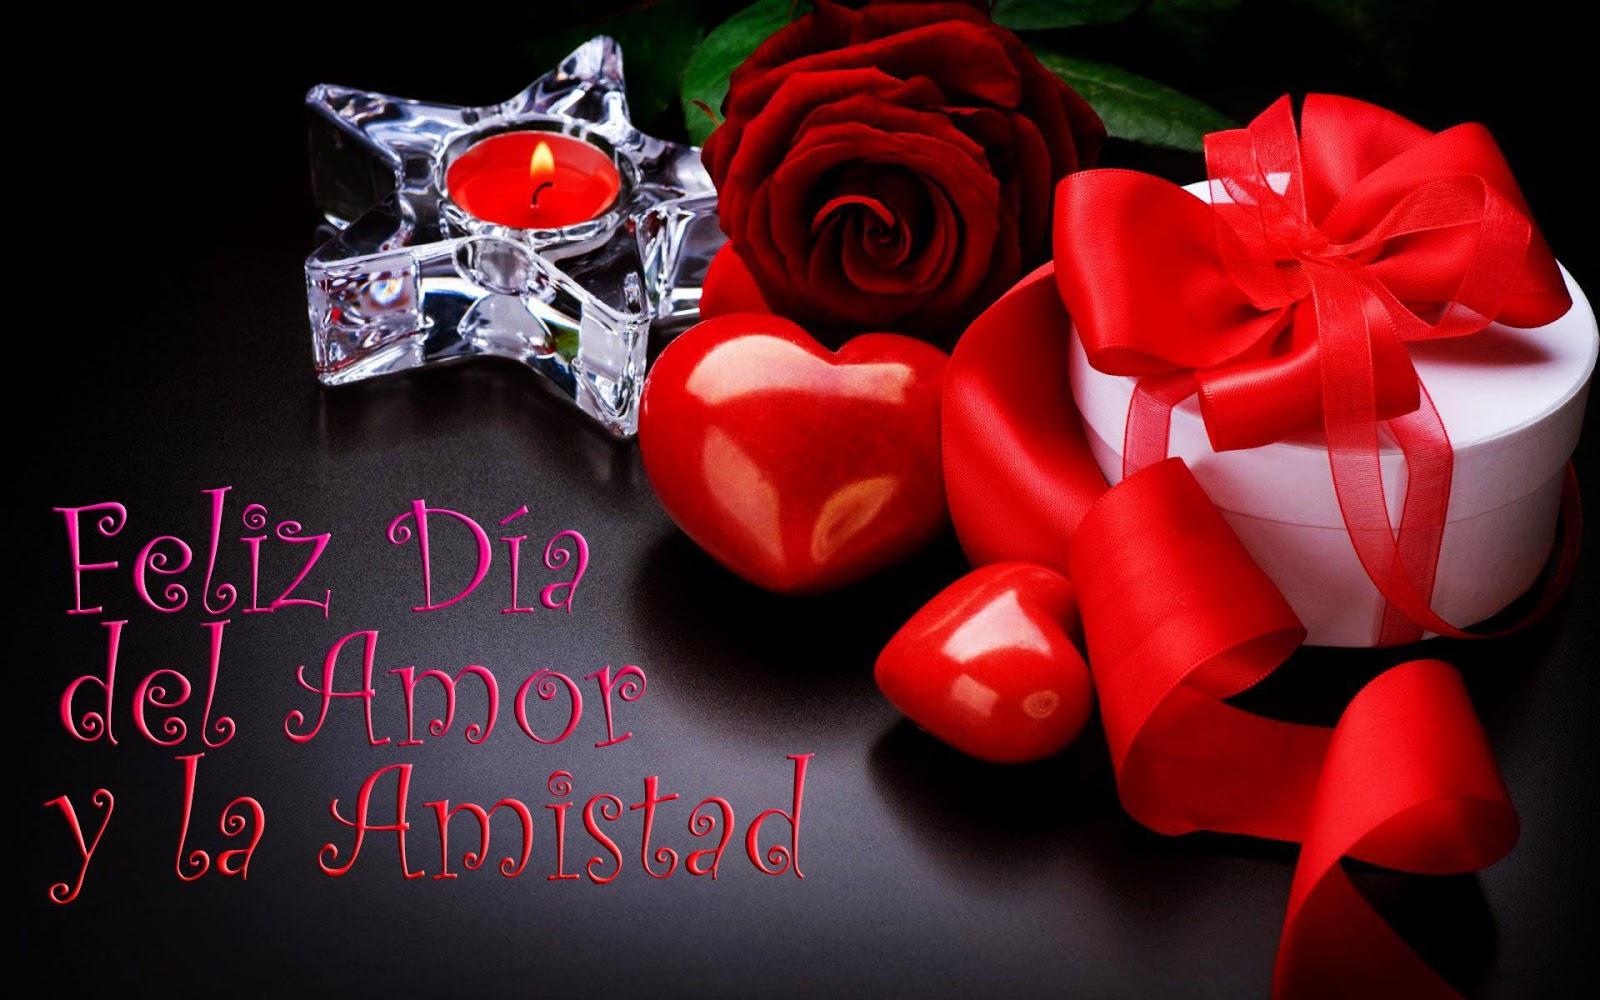 Fondos De Escritorio Del Dia Del Amor Y La Amistad Bloggergifs